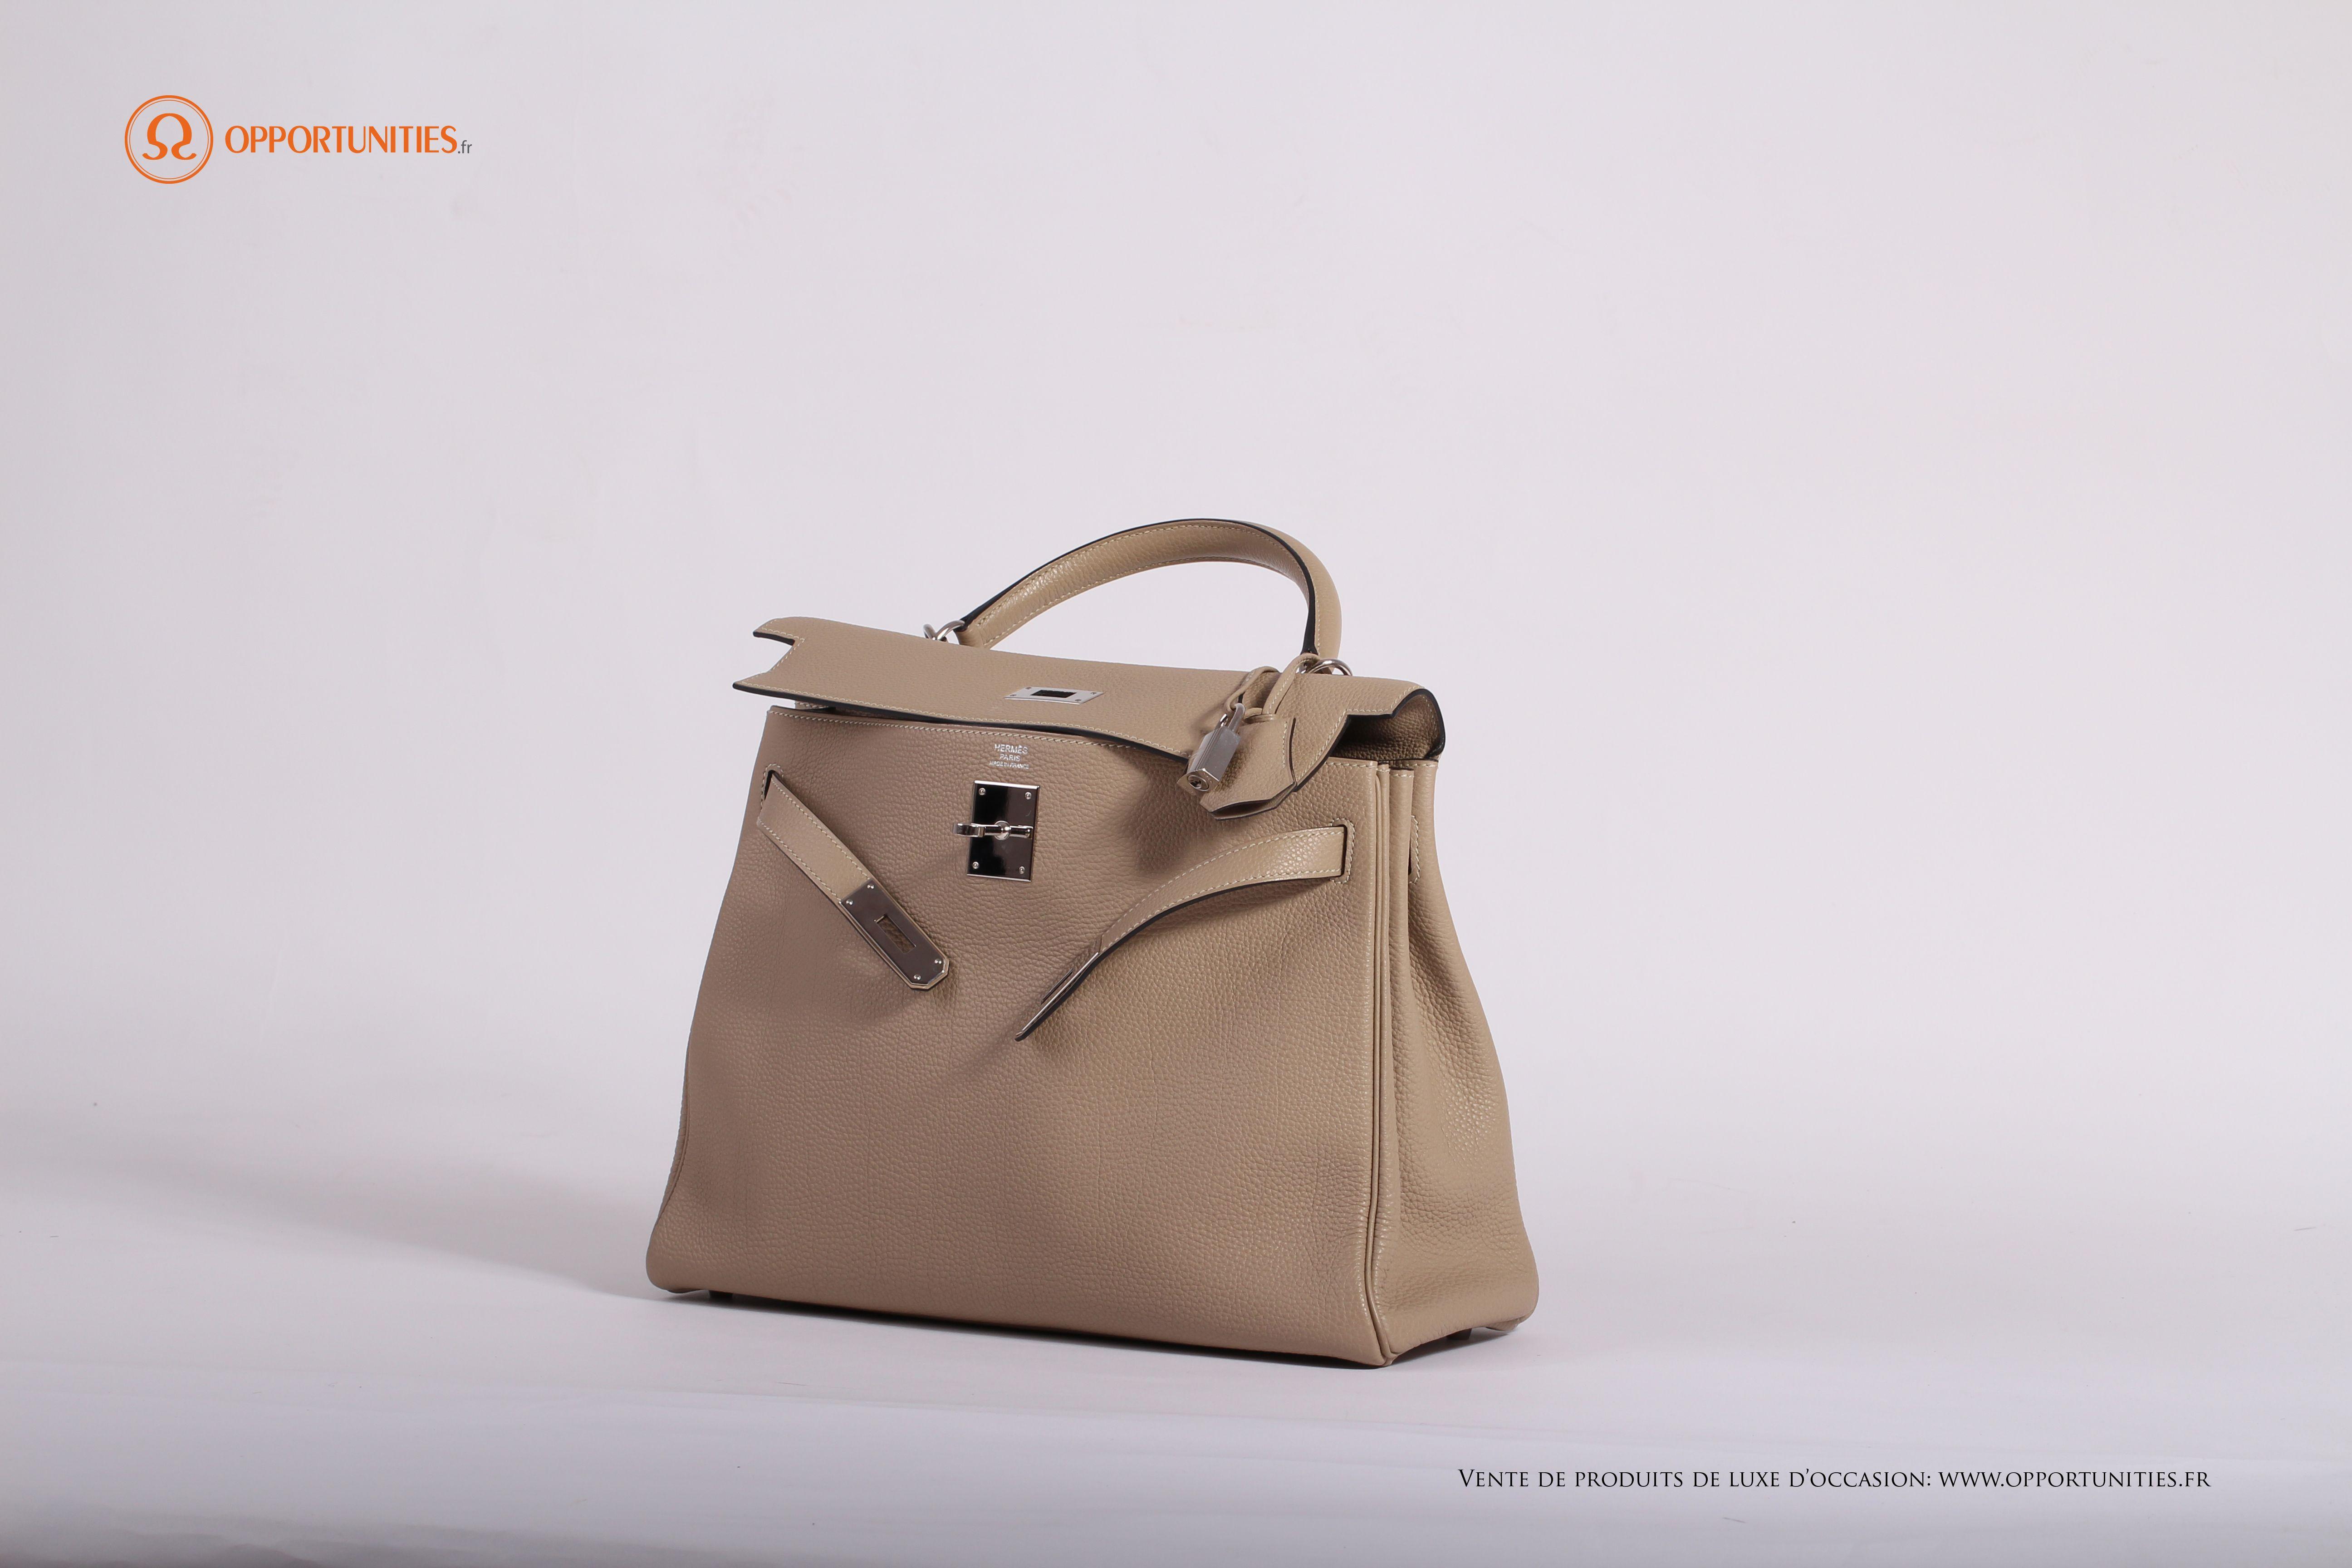 En vente sur le site de produits de luxe d occasion www.opportunities.fr  Livré avec son certificat d authenticité 274eac1f0eb